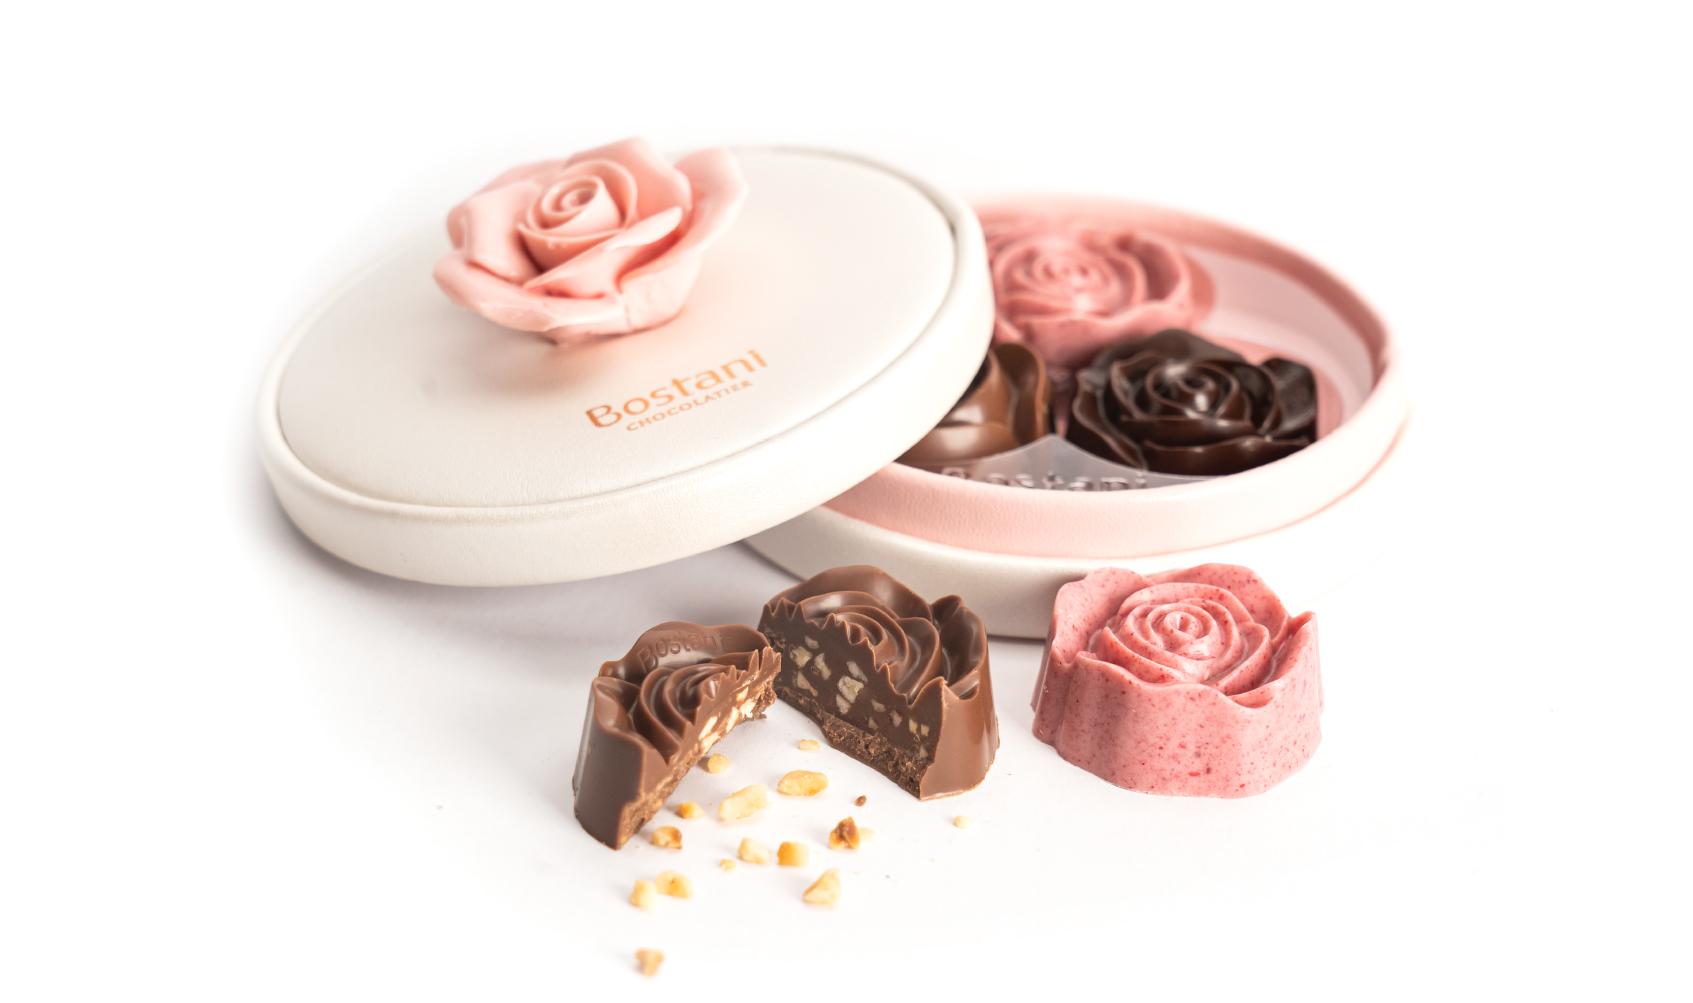 علبة شوكولاتة الوردة 3 حبات